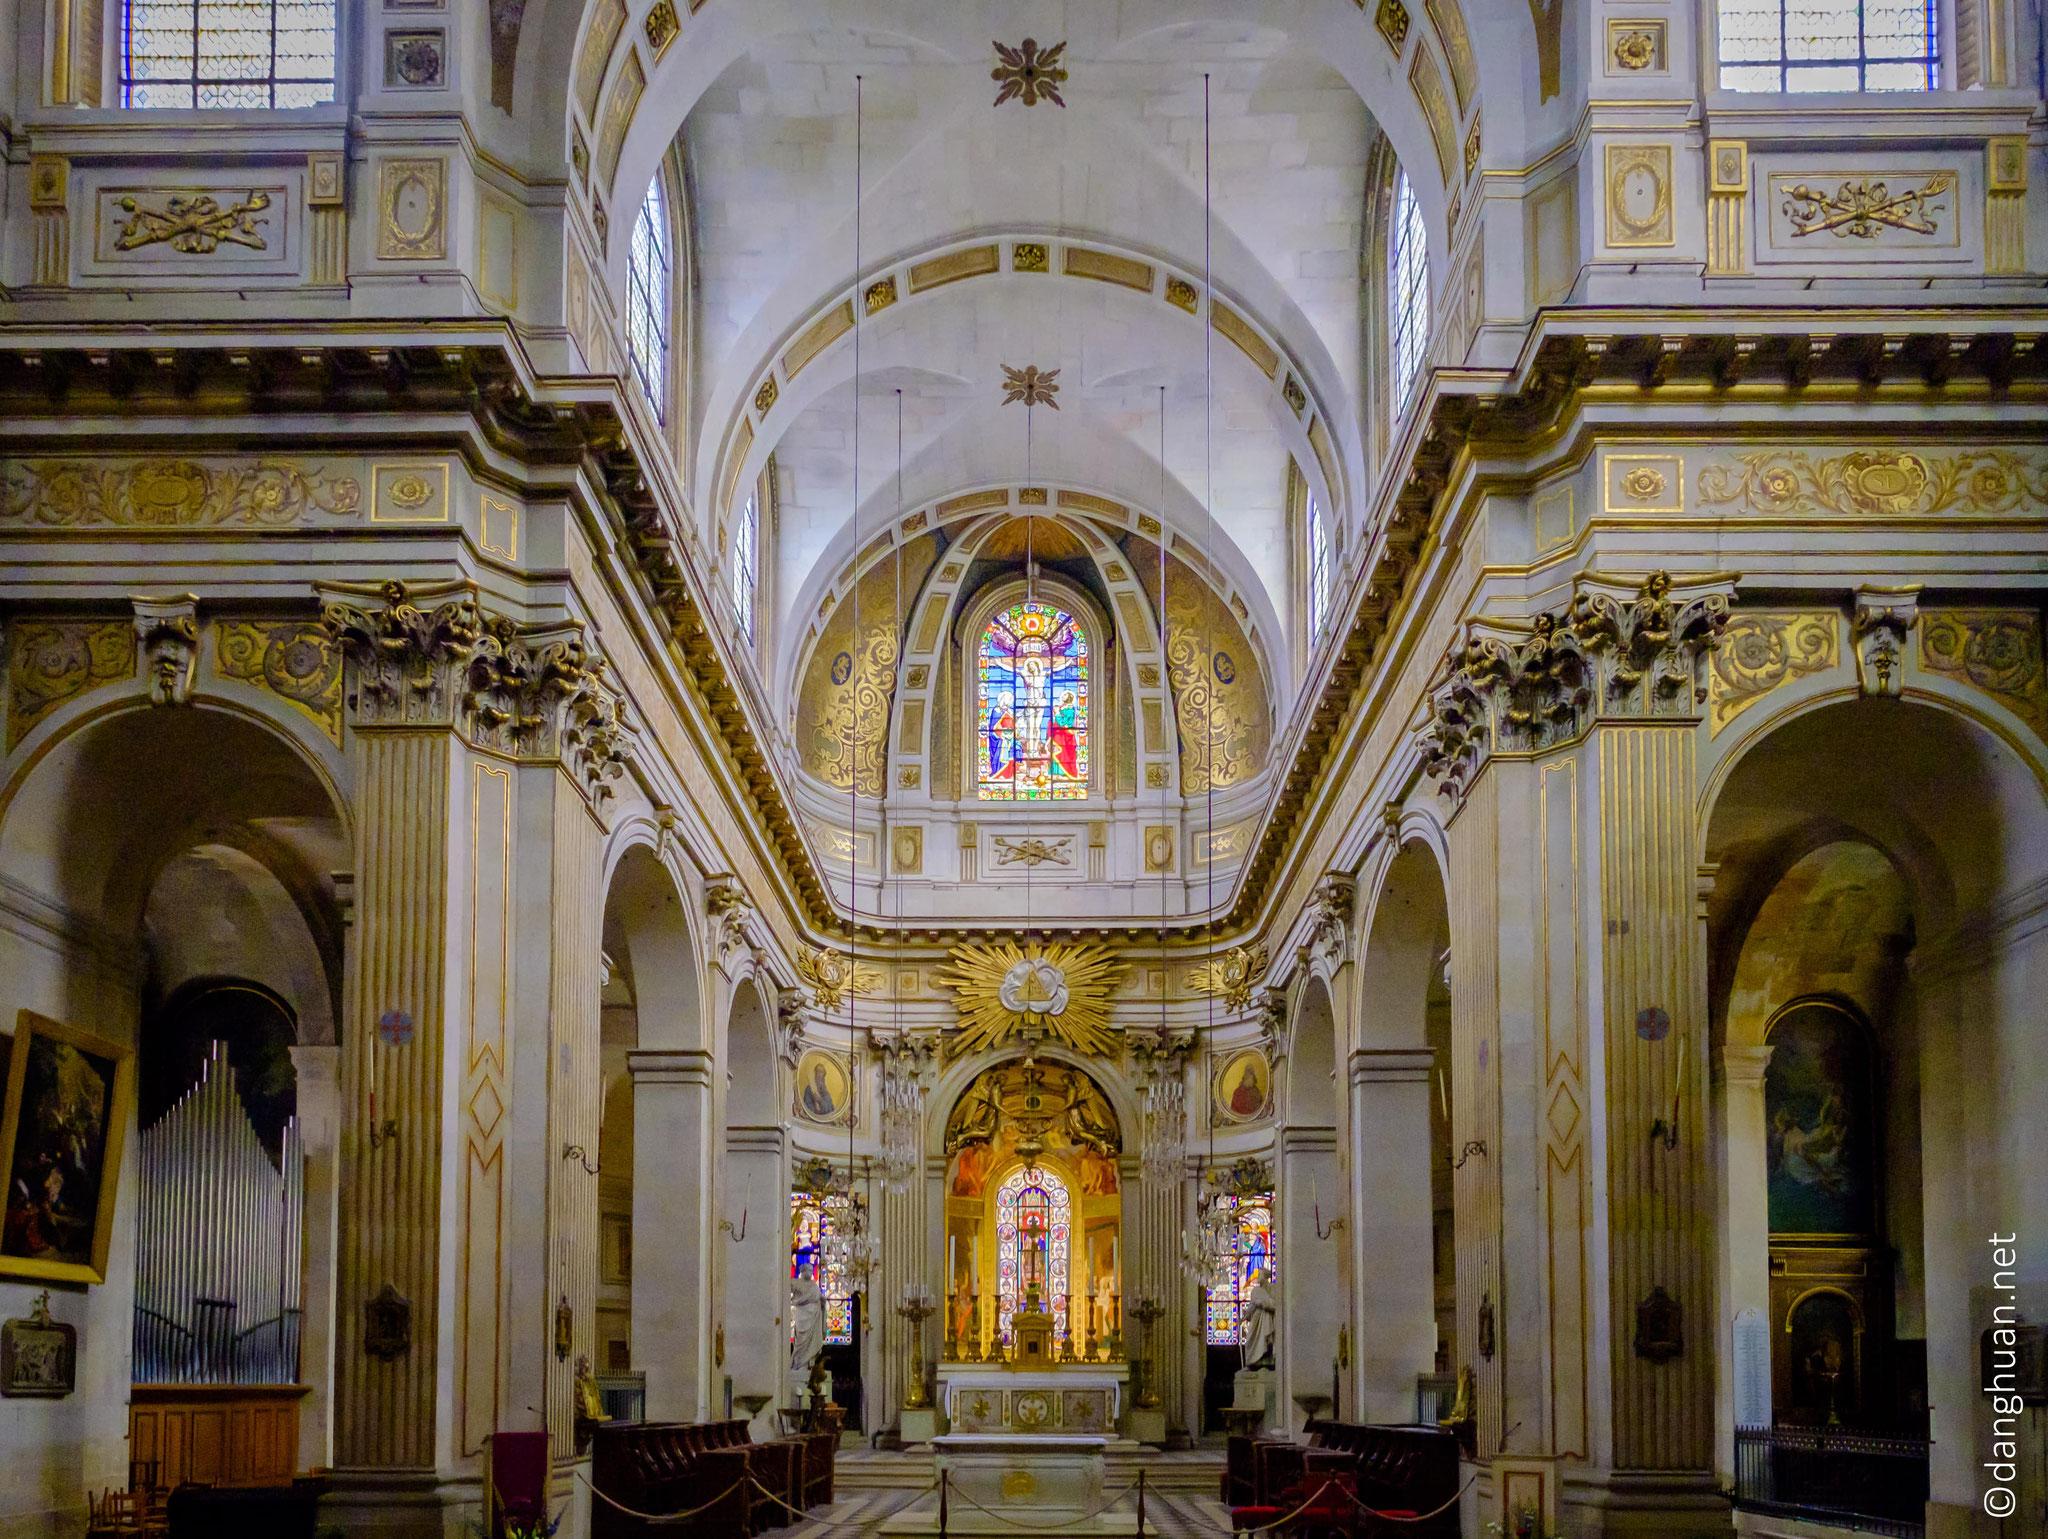 Eglise St Louis en l'île :  située dans l'actuel 4e arrondissement de Paris, sur l'île Saint-Louis